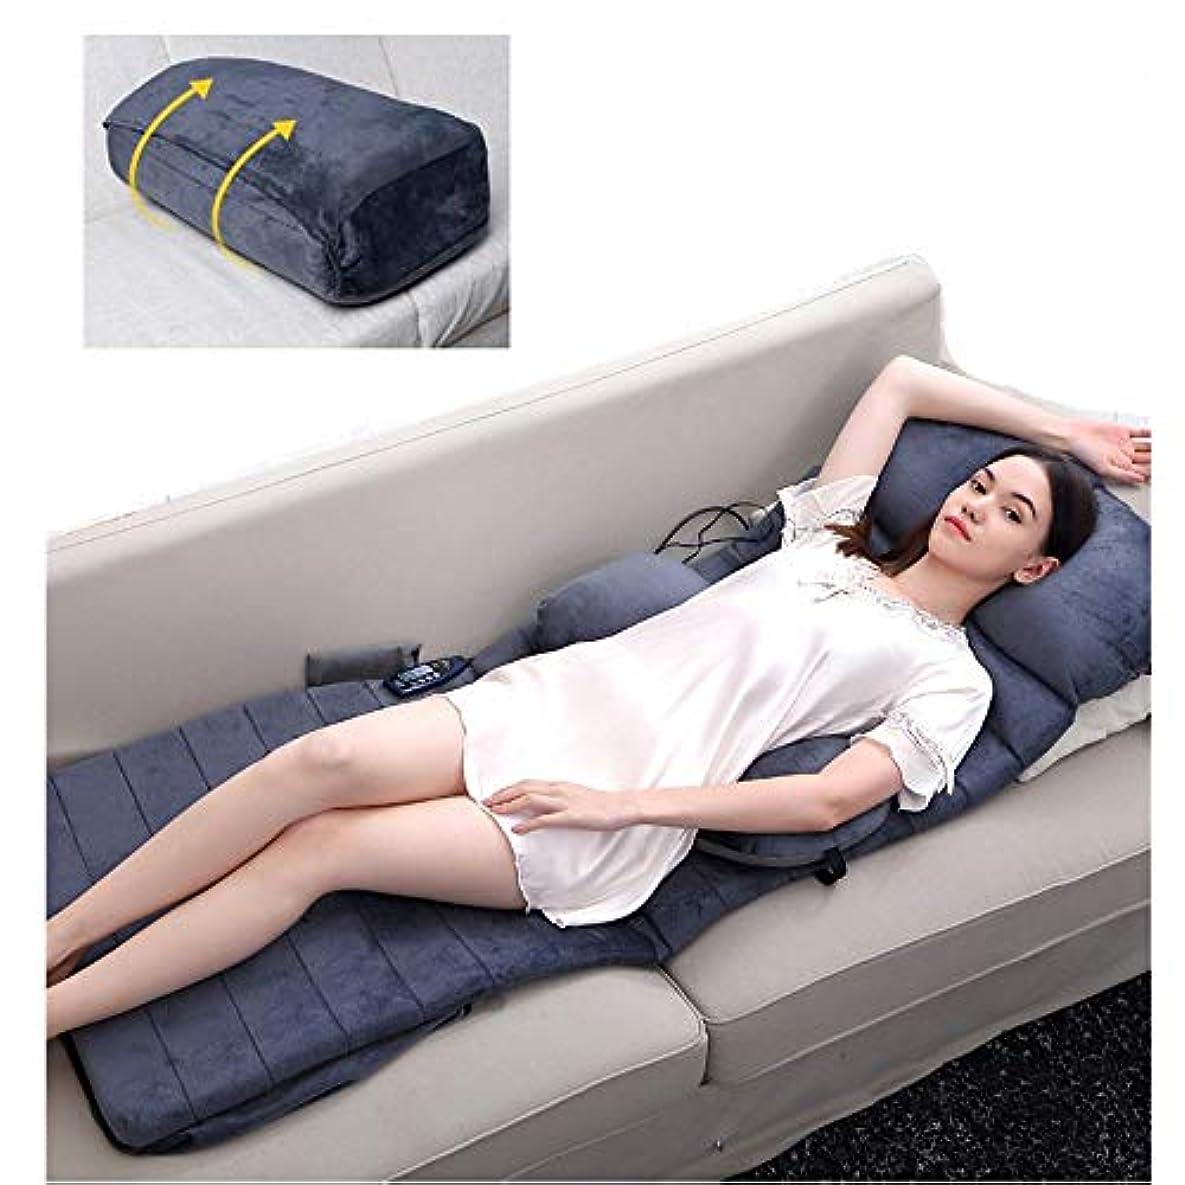 アリーナ詳細な武器ウエストバック暖房多機能全身振動大人のホーム枕マットレス椅子のクッションマッサージャーマットレス頸椎